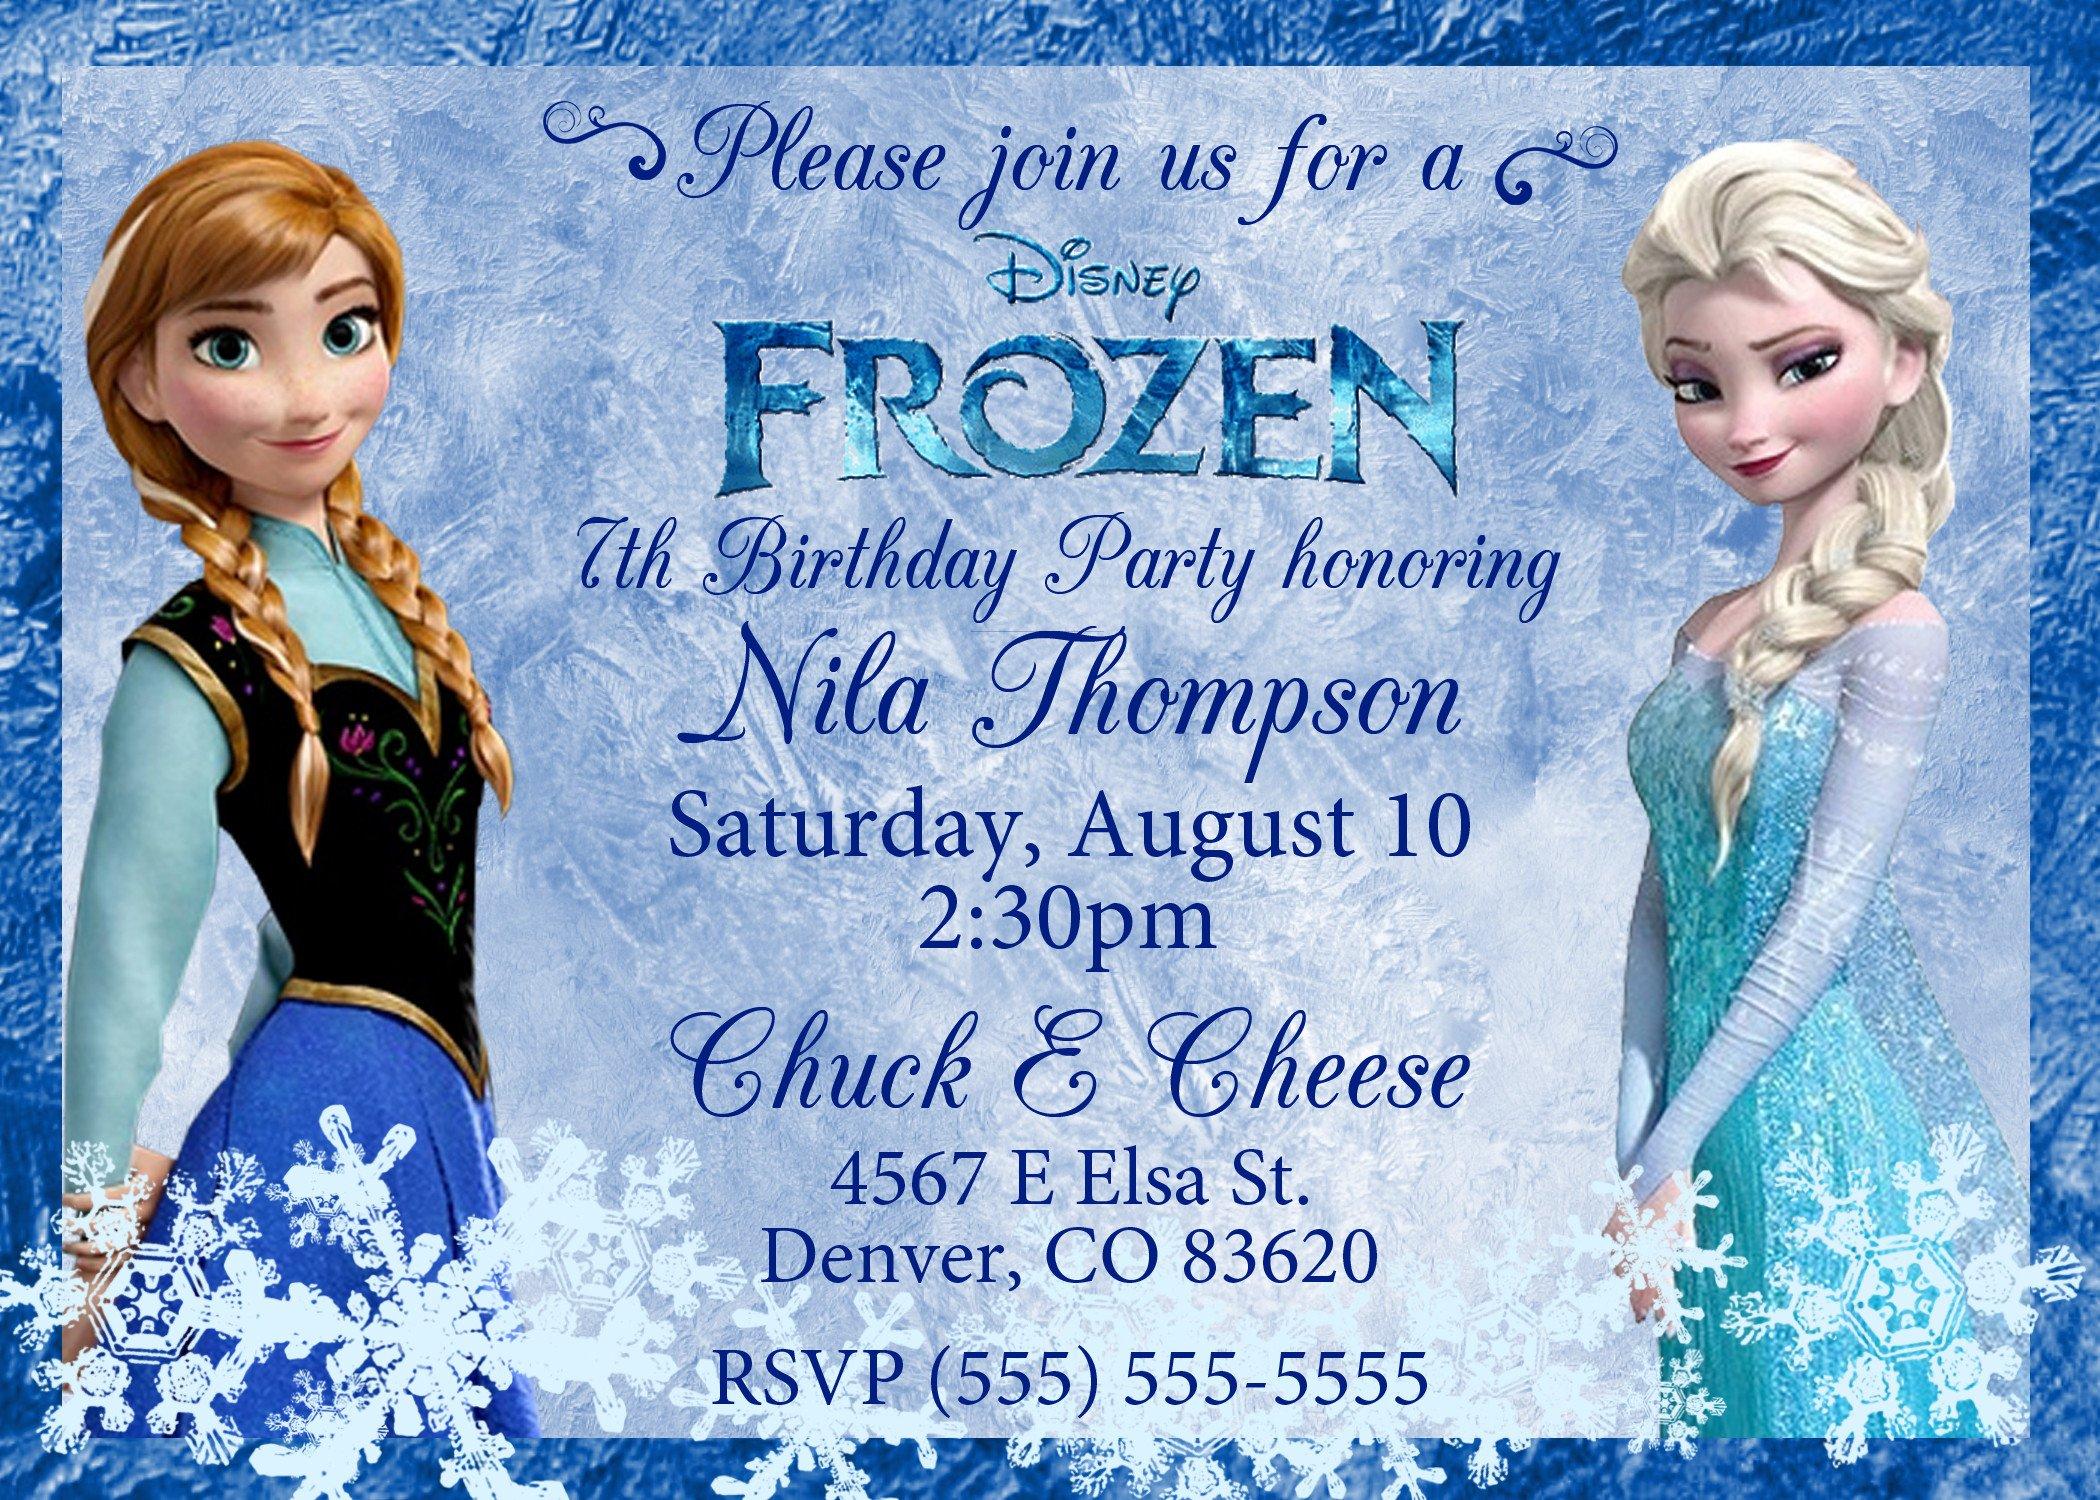 Frozen Bday Party Invitations Frozen 2013 Birthday Invitation